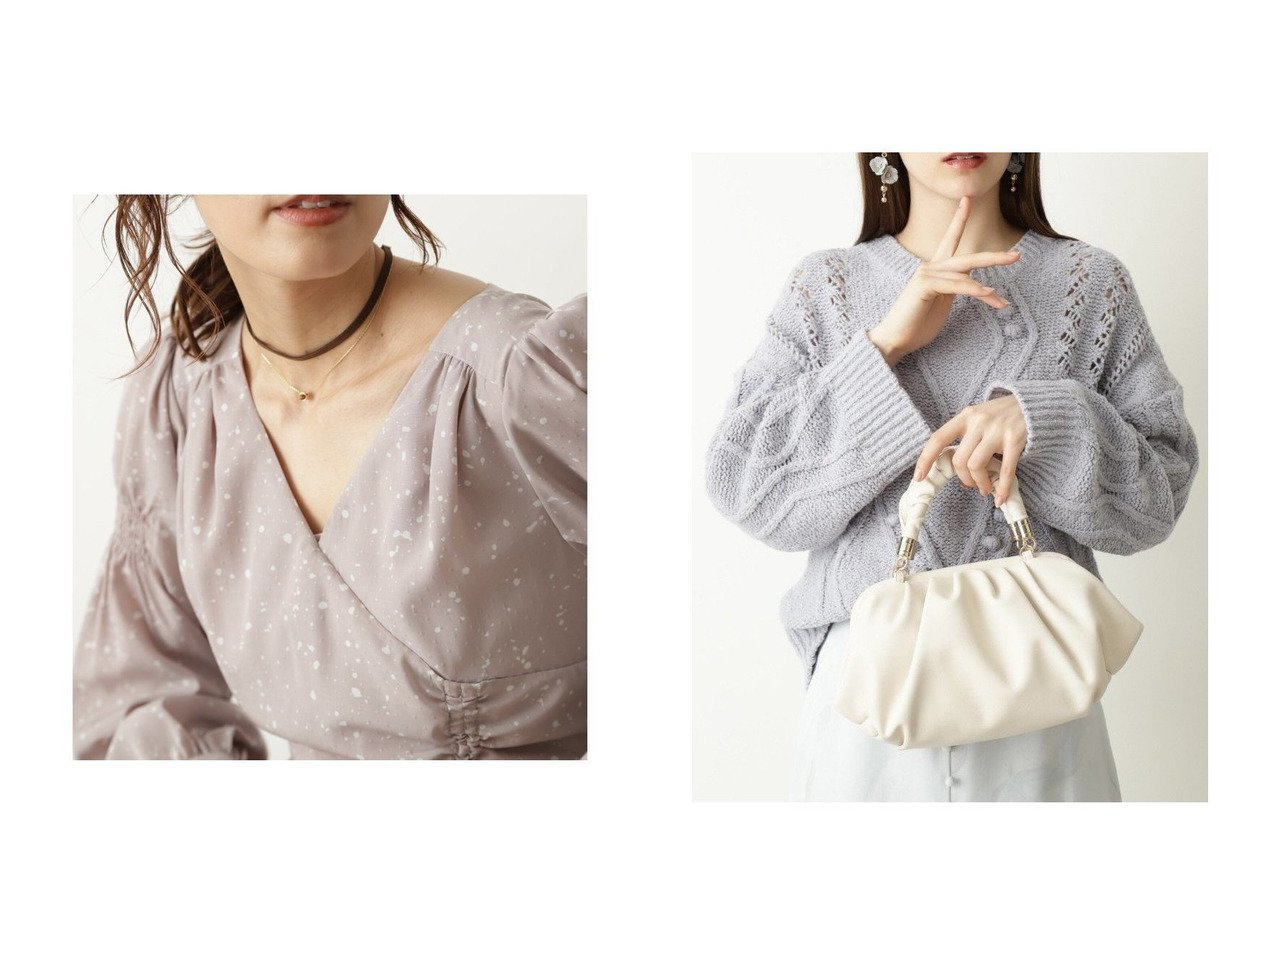 【JILLSTUART/ジルスチュアート】のトリアバッグ&ベスチョーカー JILLSTUARTのおすすめ!人気、トレンド・レディースファッションの通販  おすすめで人気の流行・トレンド、ファッションの通販商品 メンズファッション・キッズファッション・インテリア・家具・レディースファッション・服の通販 founy(ファニー) https://founy.com/ ファッション Fashion レディースファッション WOMEN バッグ Bag NEW・新作・新着・新入荷 New Arrivals アクセサリー コンビ スエード ストーン チェーン モチーフ 再入荷 Restock/Back in Stock/Re Arrival ギャザー クラッチ ショルダー トレンド フェミニン フリル 春 Spring |ID:crp329100000017814